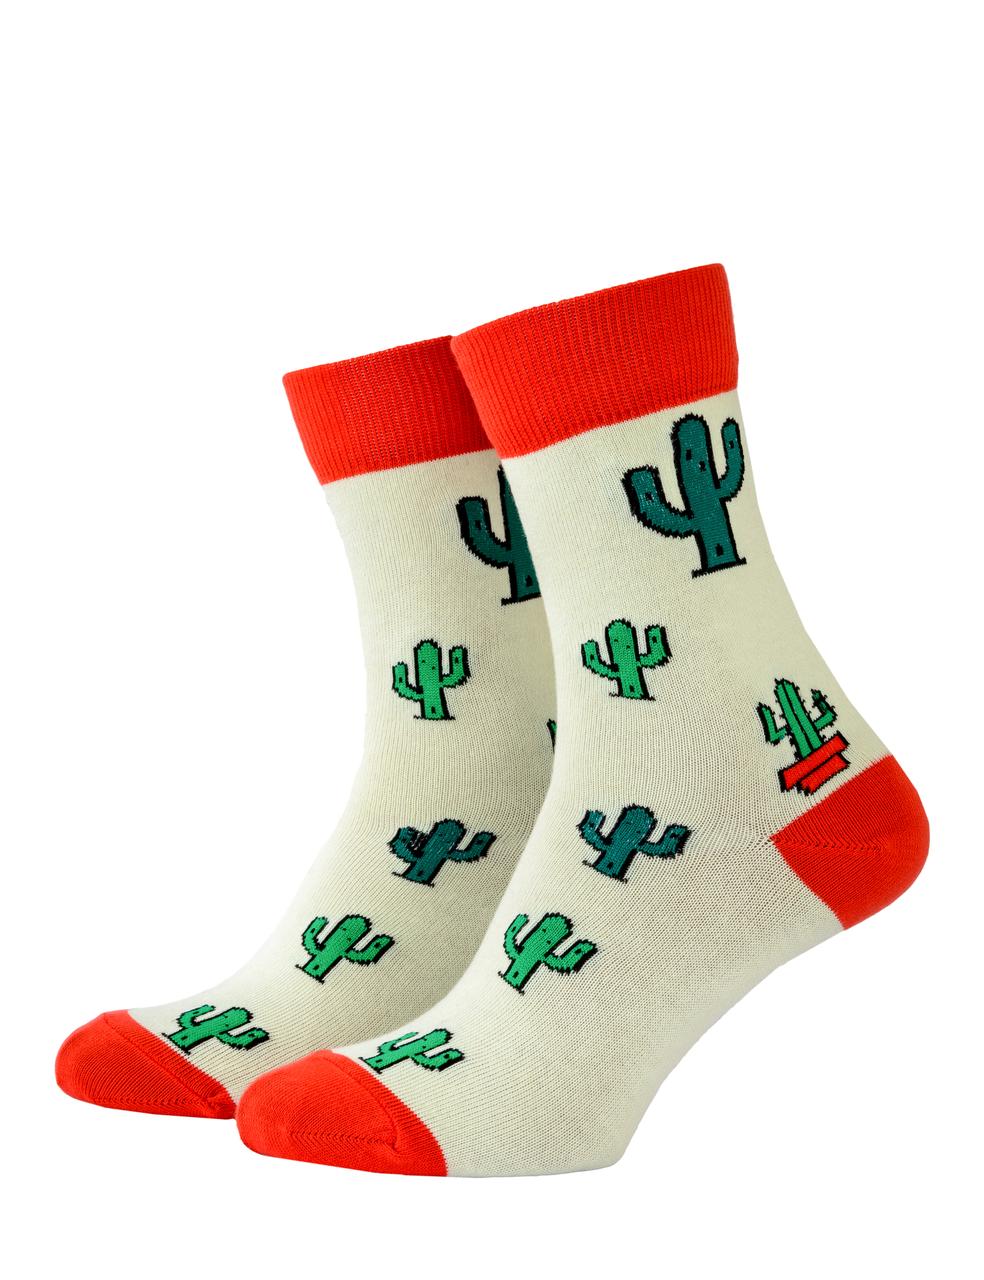 Шкарпетки Mushka Cactus (CAC001) 36-39